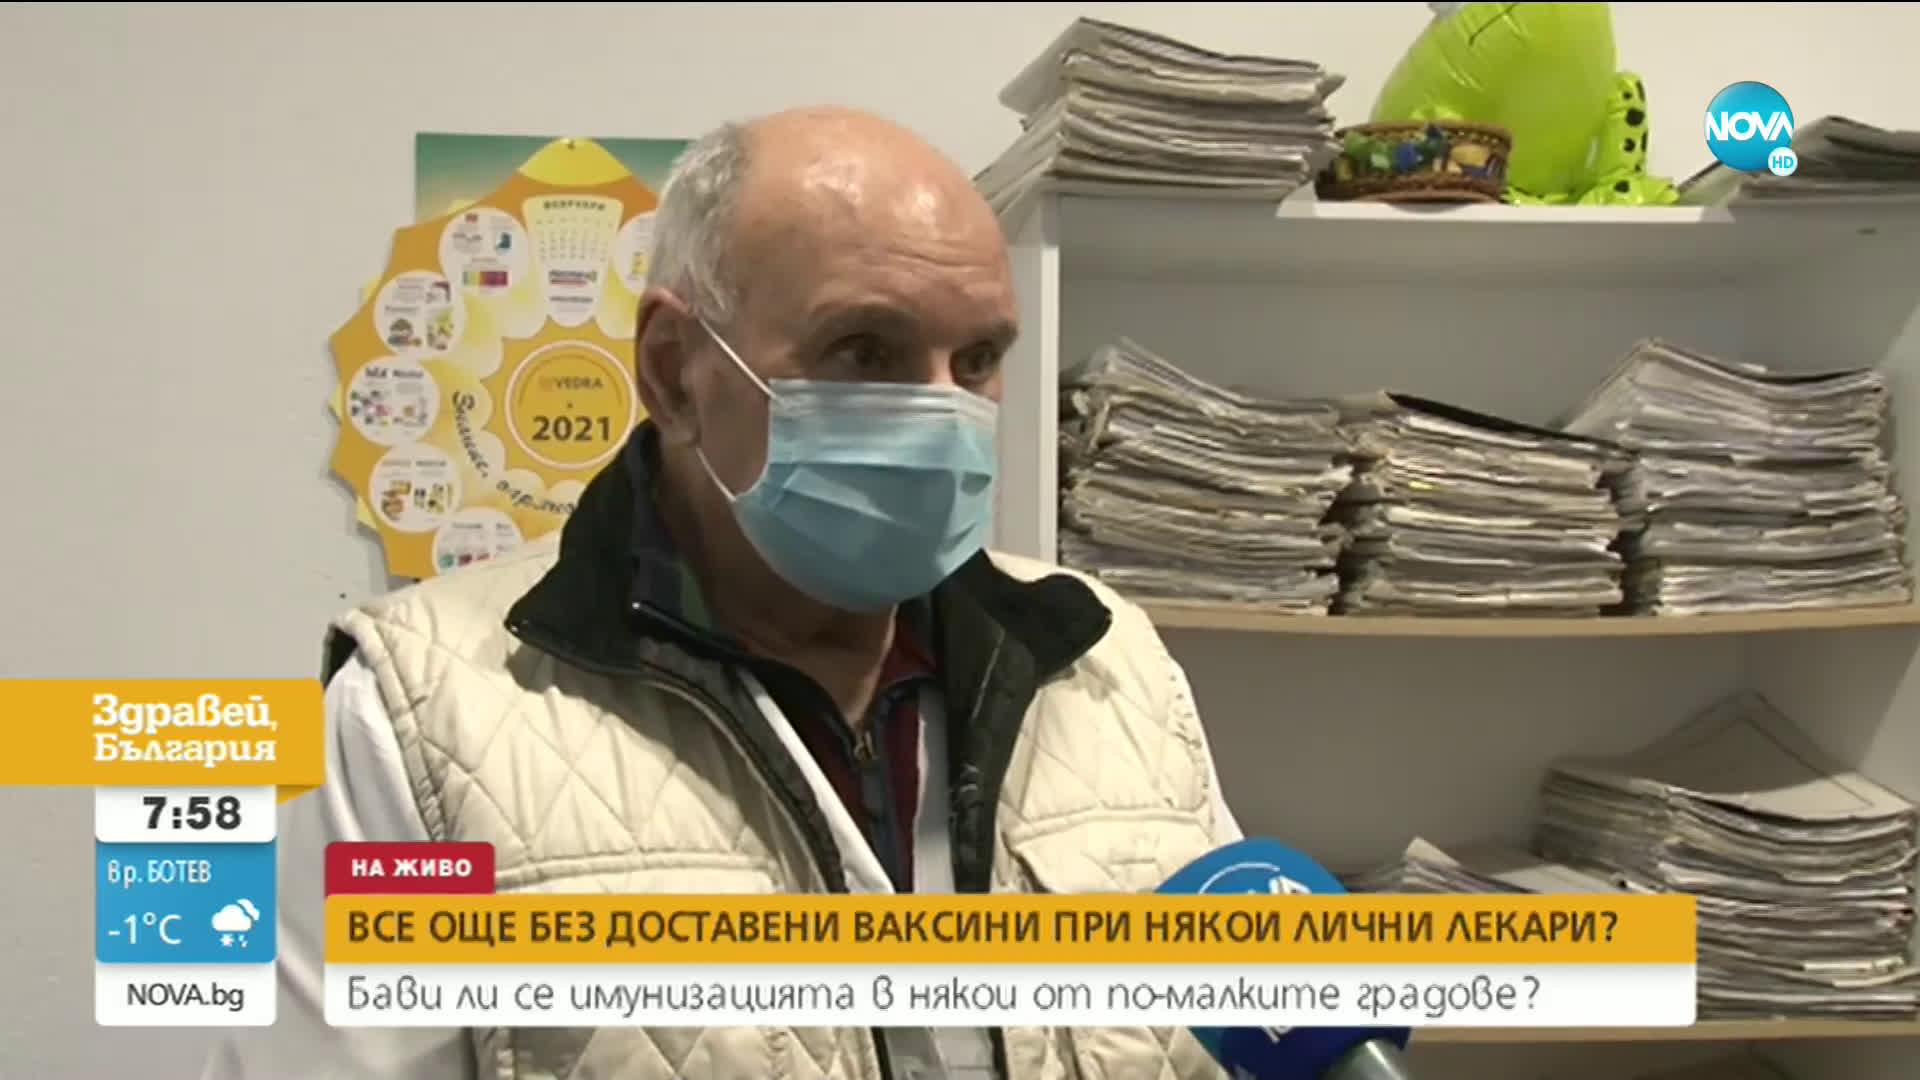 Бави ли се имунизацията срещу COVID-19 в по-малките градове